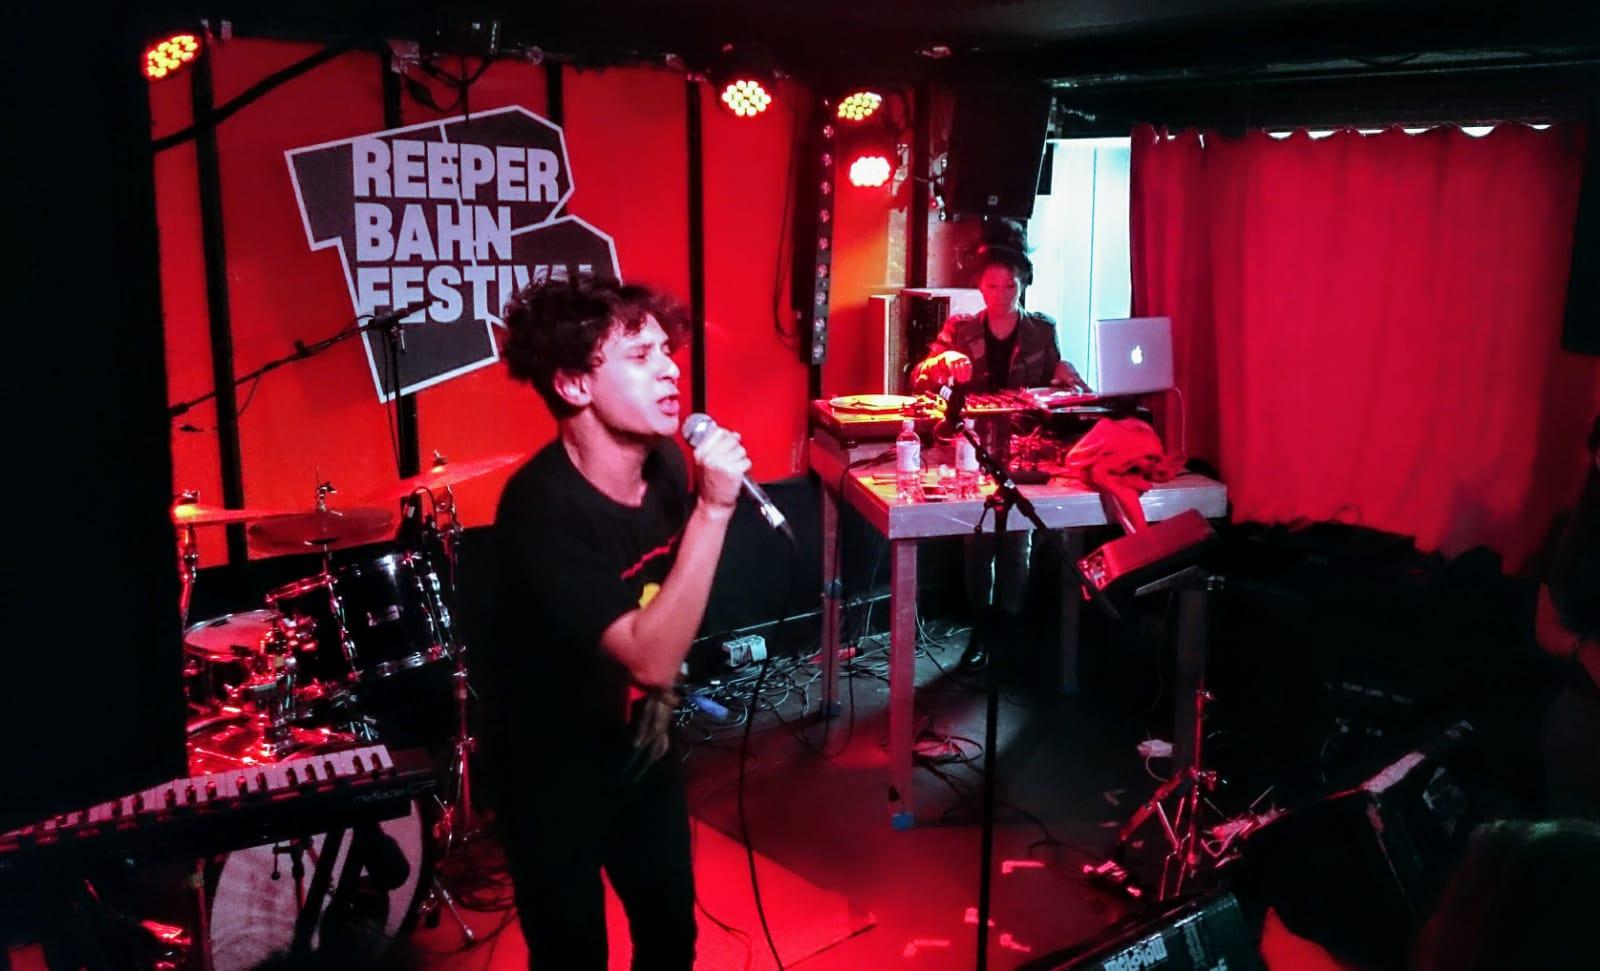 Dobby, Australian, Hiphop, Rap, Molotow Skybar, Reeperbahn Festival